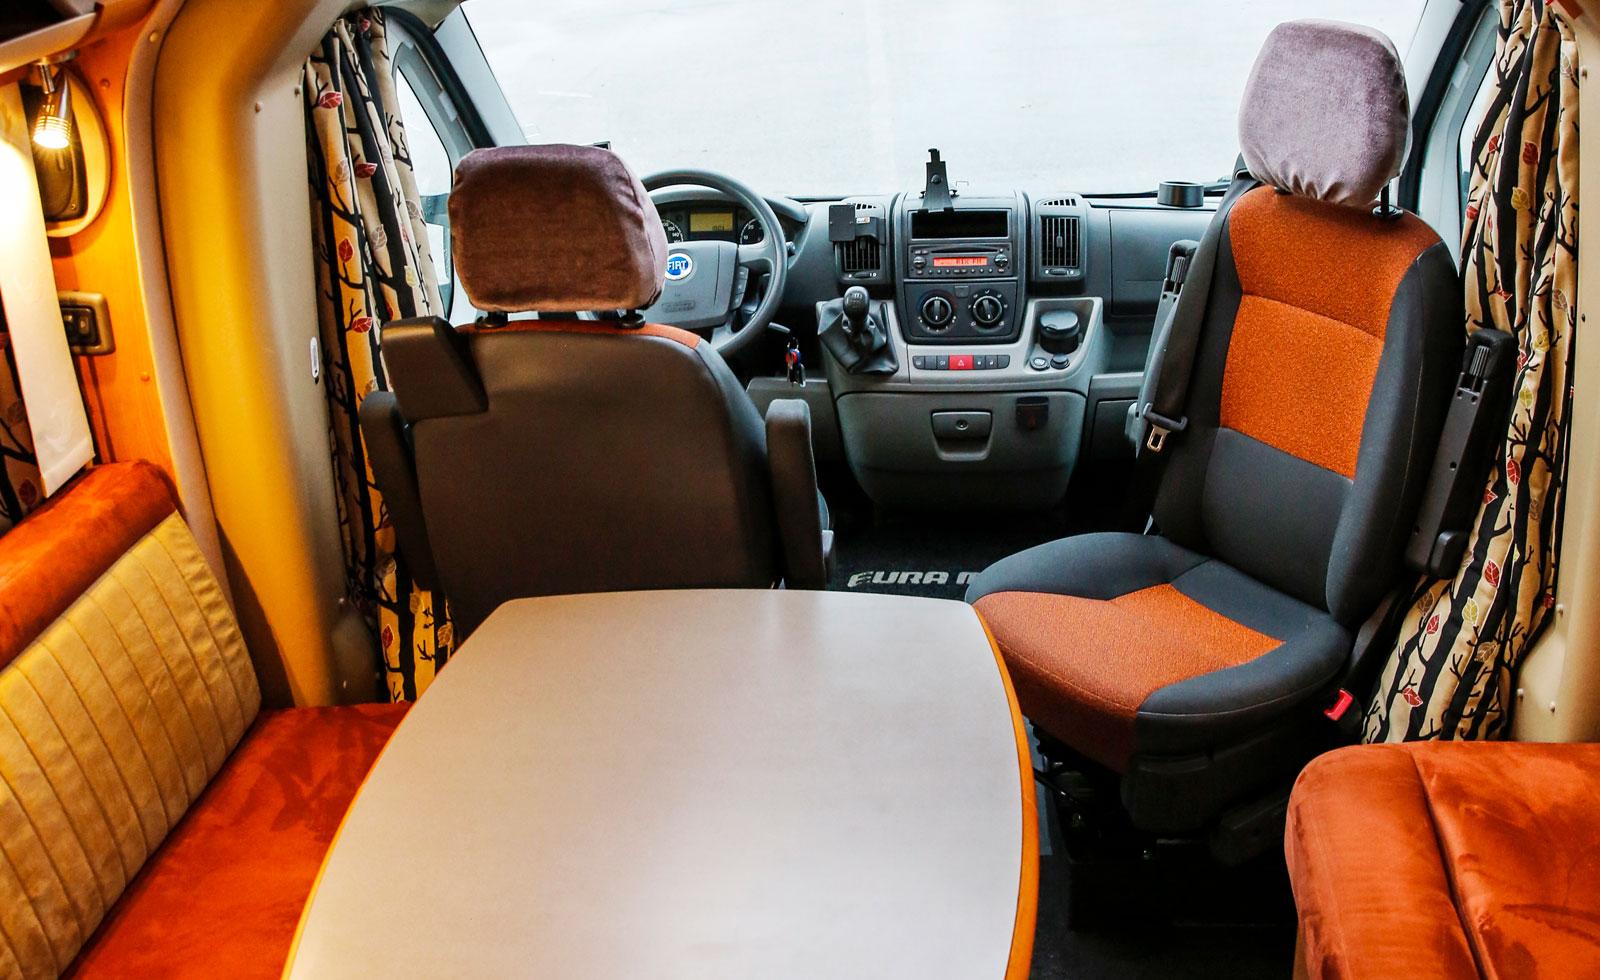 Tack vare rikligt med takfönster (fyra stycken) är Eura Mobil Contura 670 SB en ljus och tilltalande husbil.